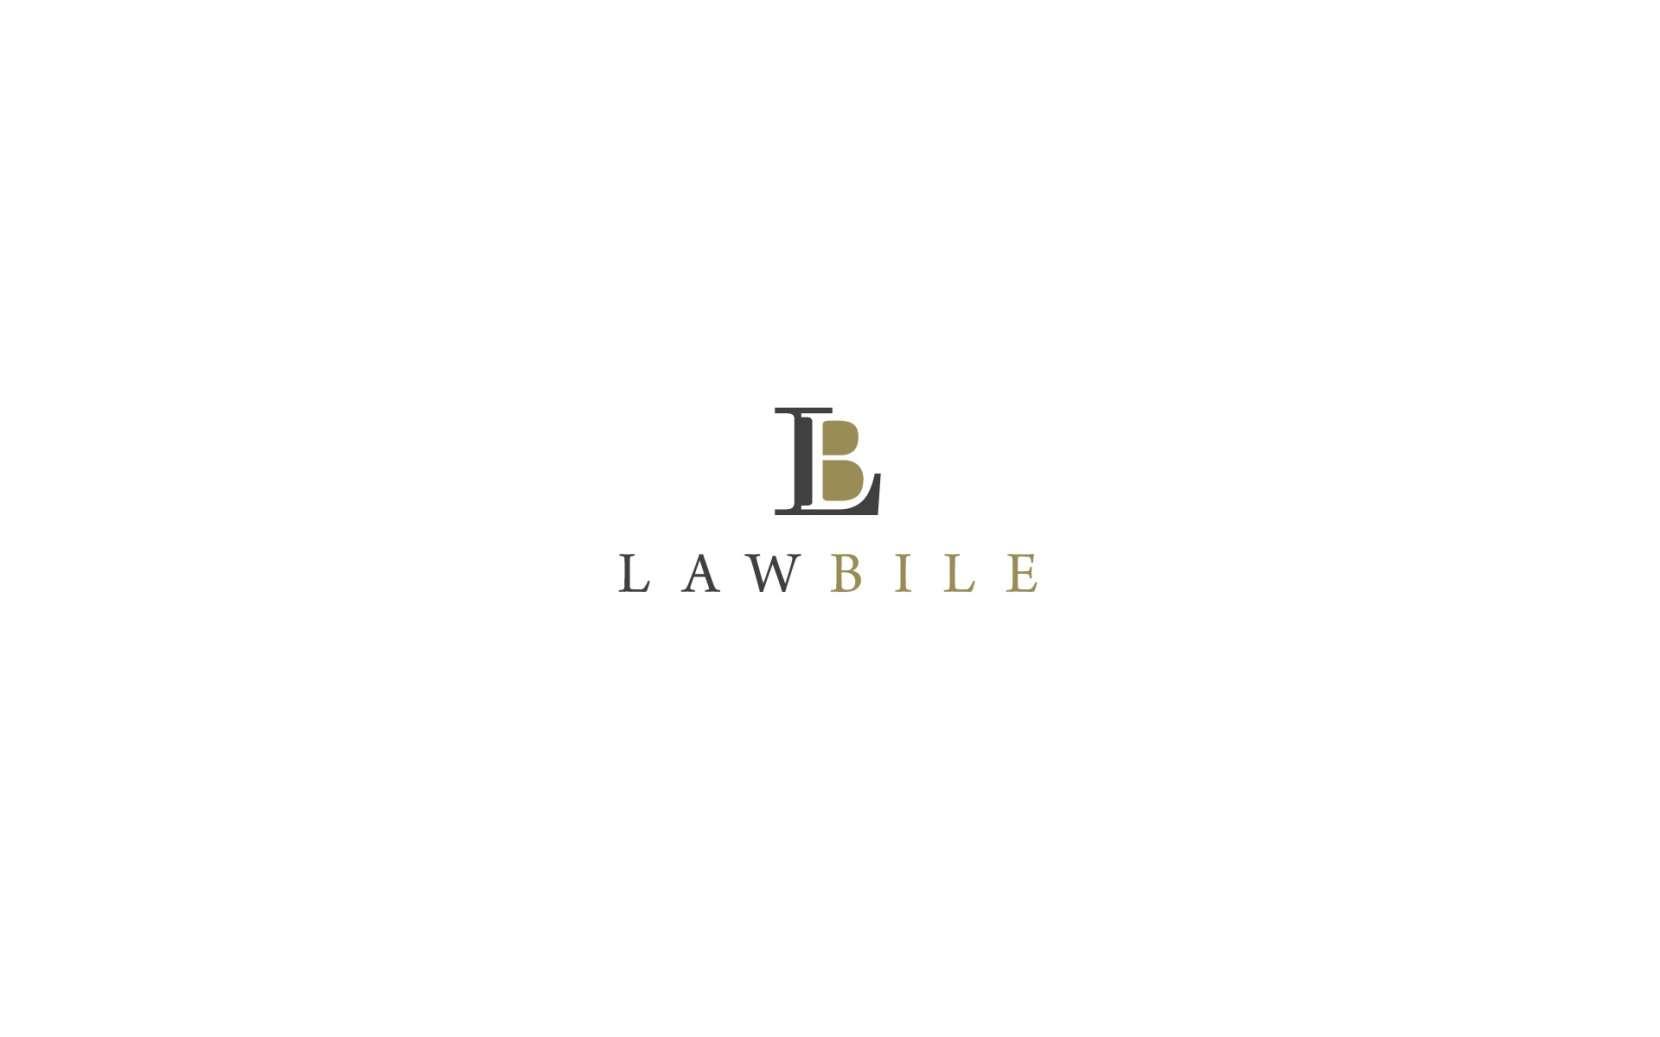 LawBile.jpg